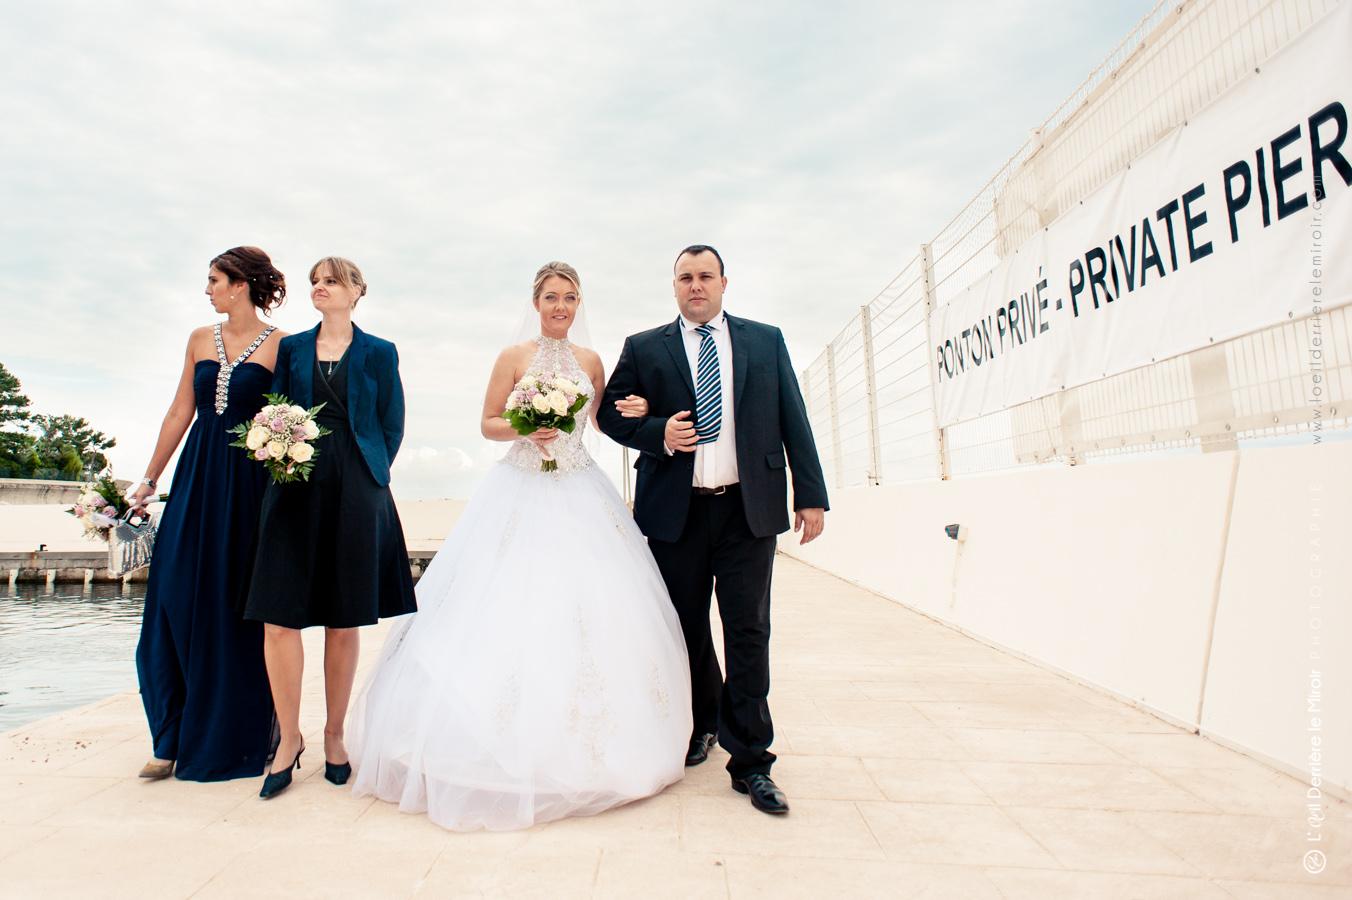 Photographe-mariage-monaco-loeilderrierelemiroir-027